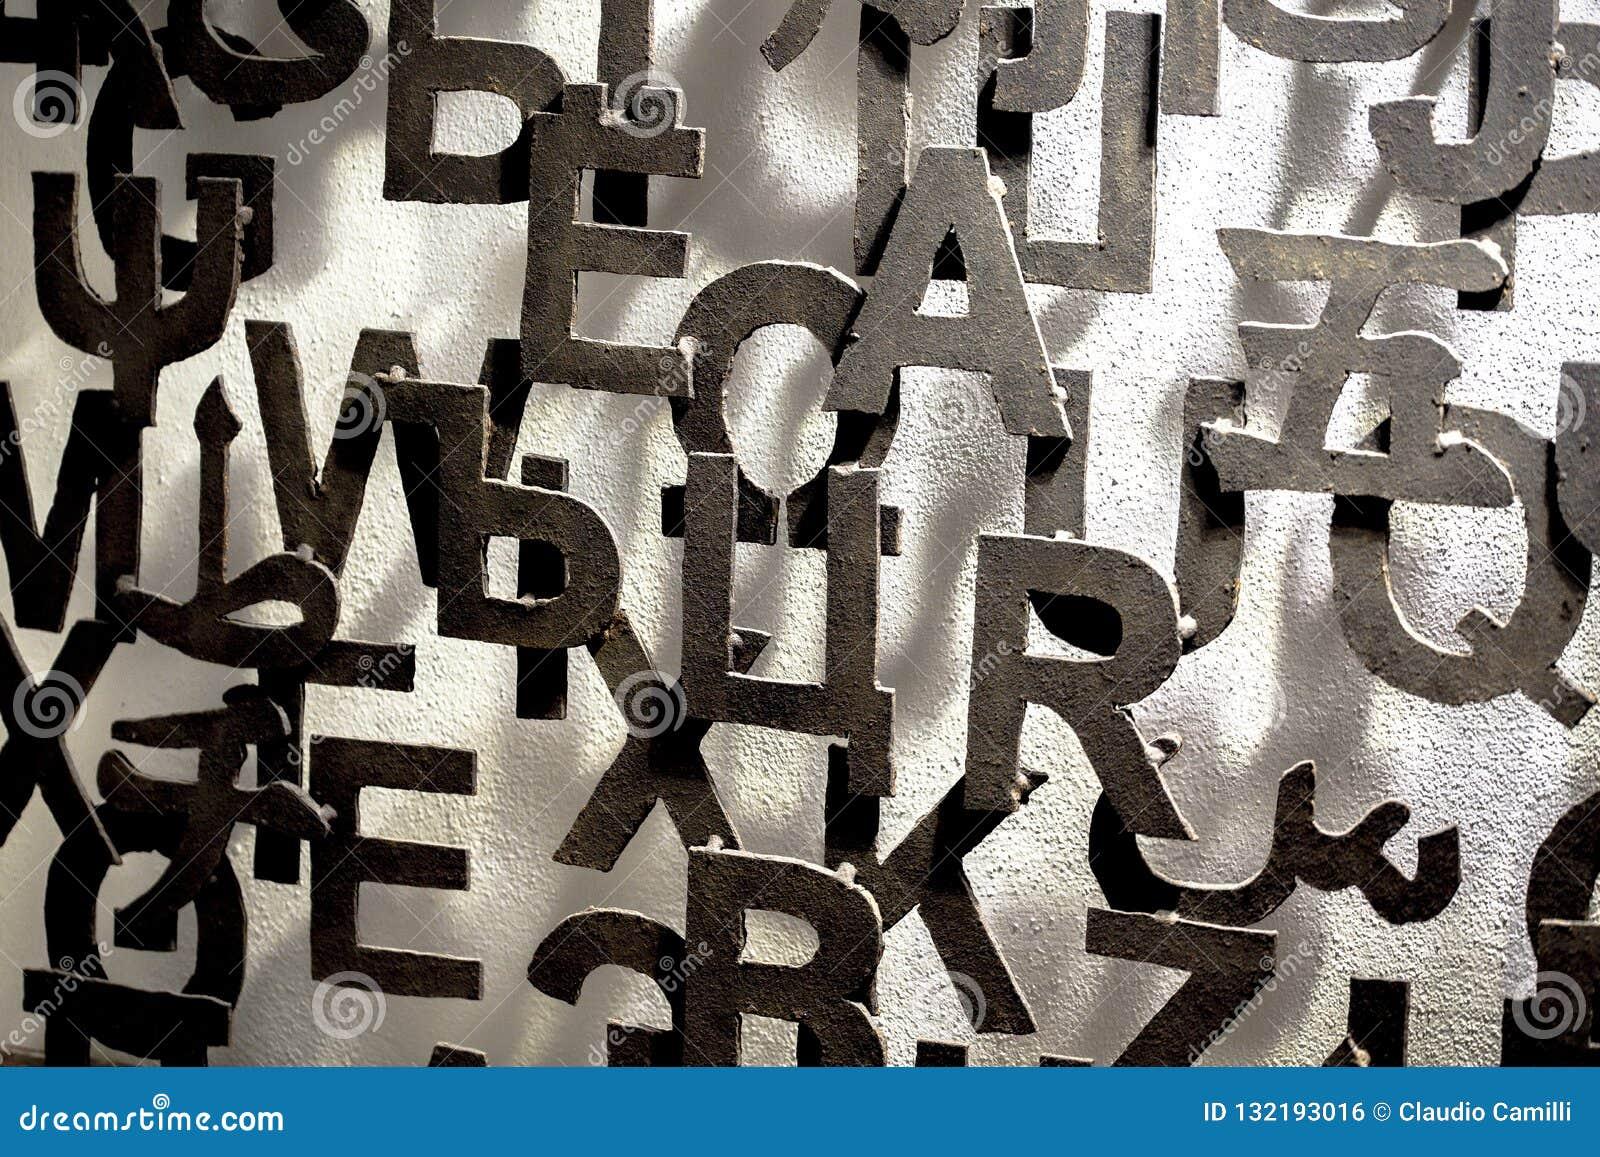 Wand mit Muster der Metallbeschriftung 3D